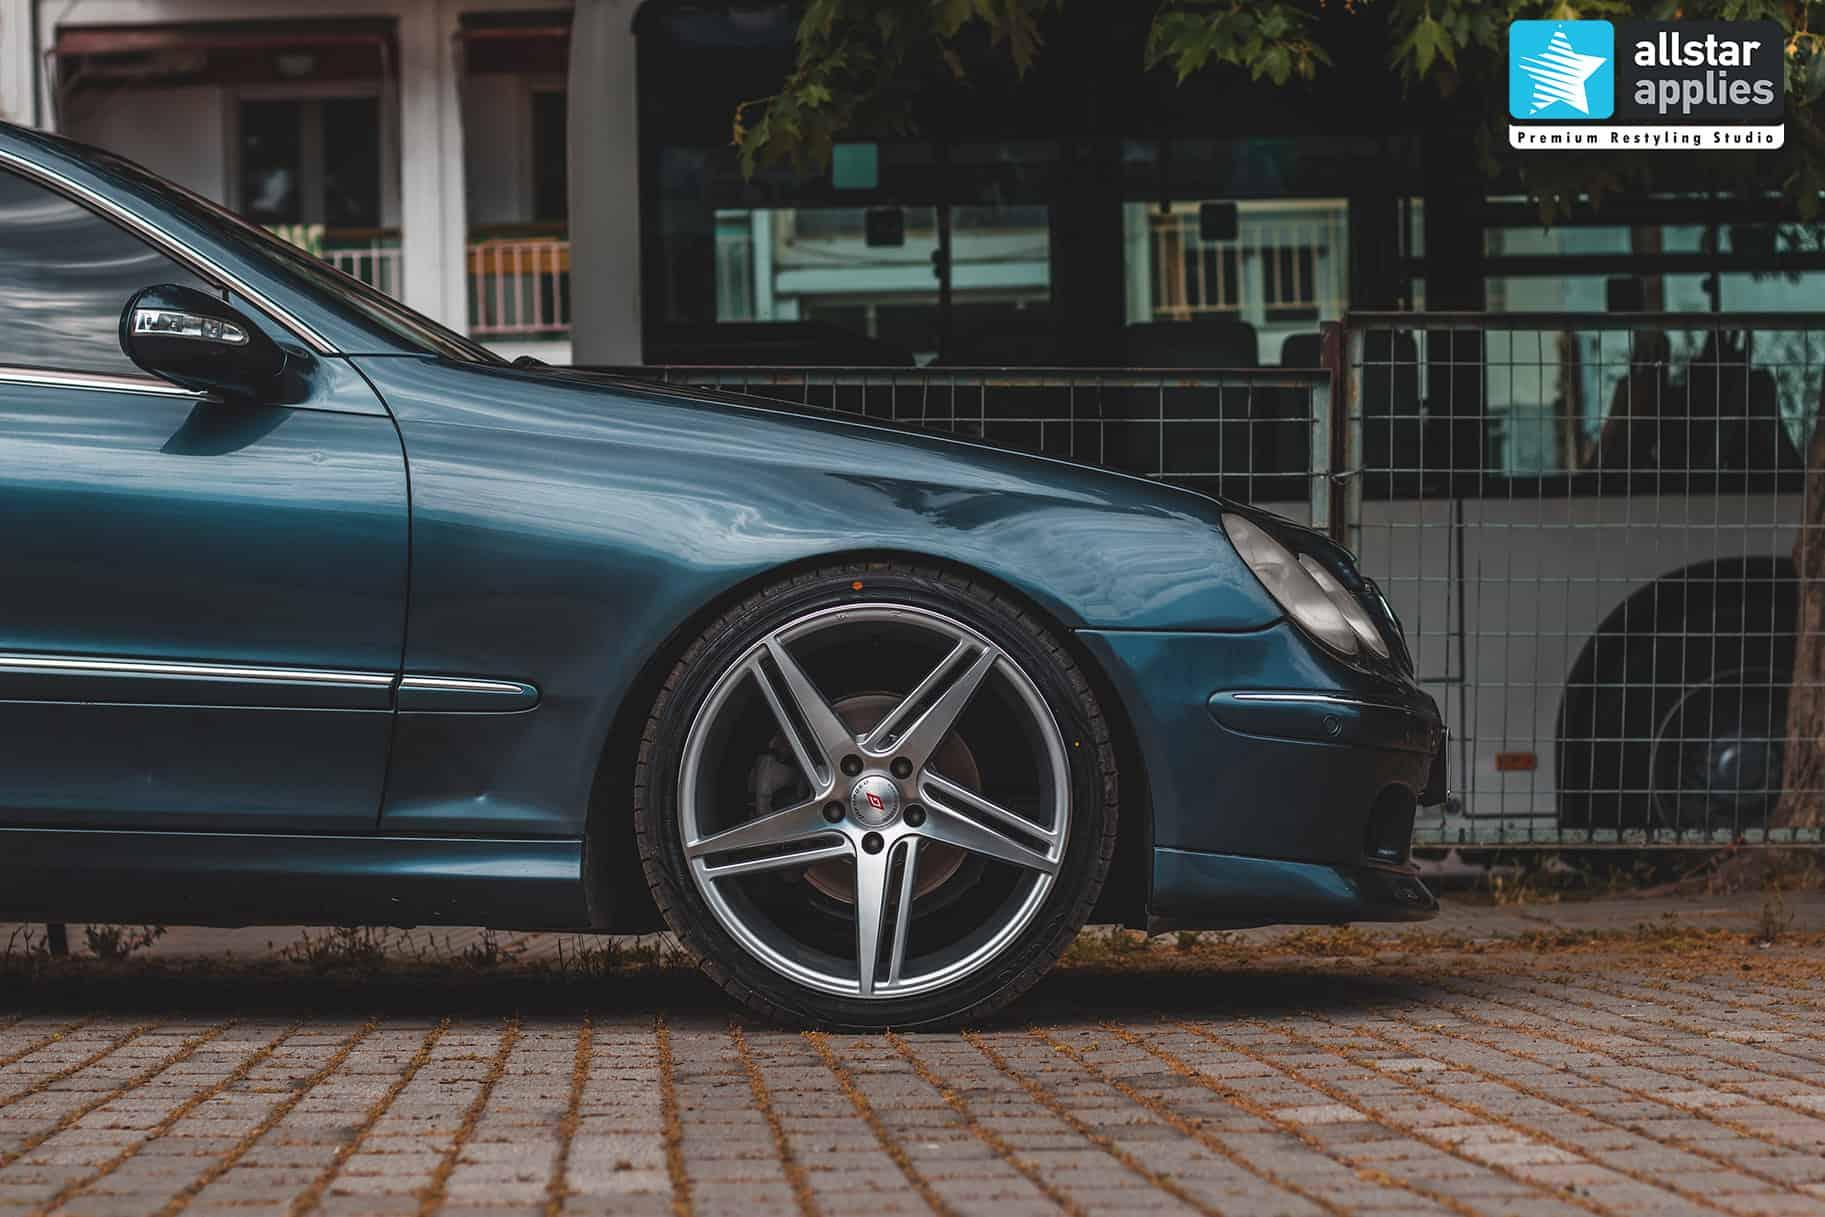 Αυτοκόλλητα αλλαγής χρώματος στη Θεσσαλονίκη σε Mercedes Benz CLK Allstar Applies